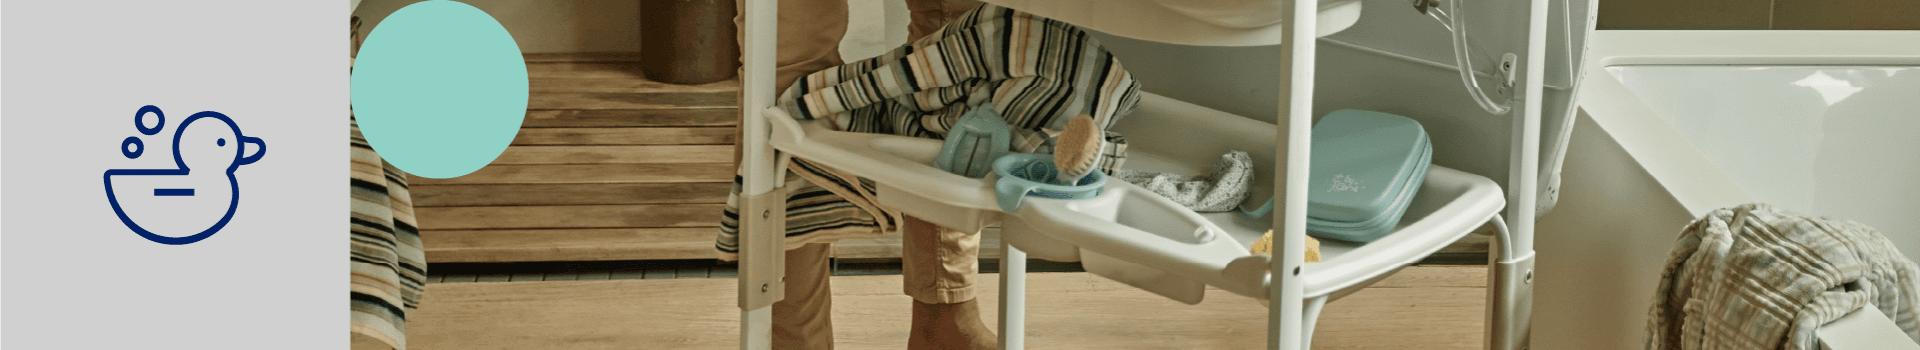 Baño bebé | Accesorios para el baño del bebé | Janéworld